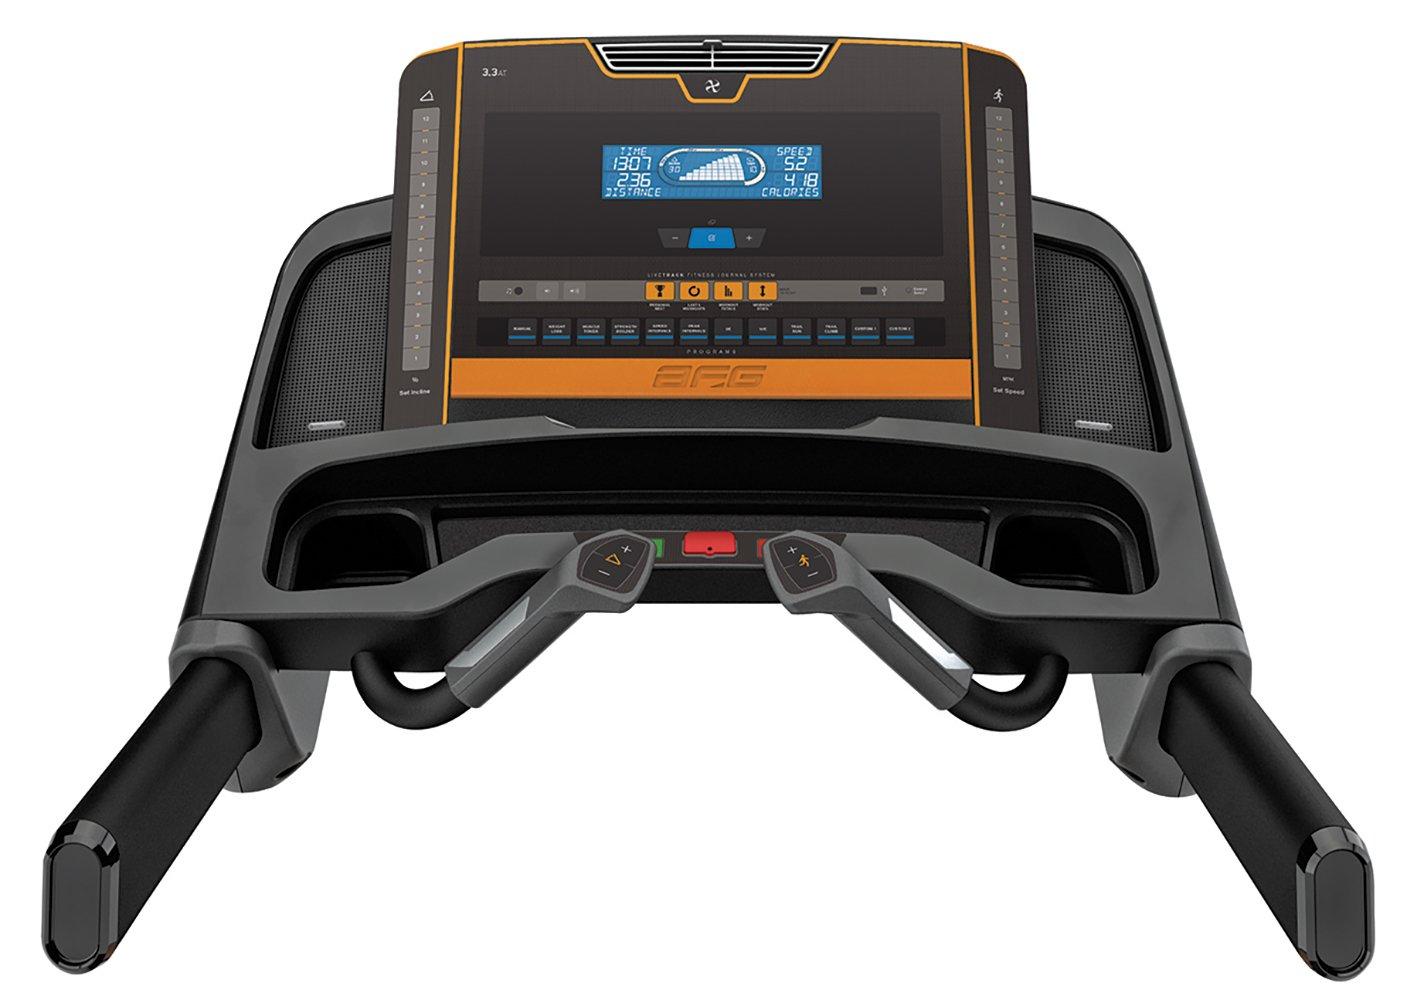 AFG 3.3AT Treadmill